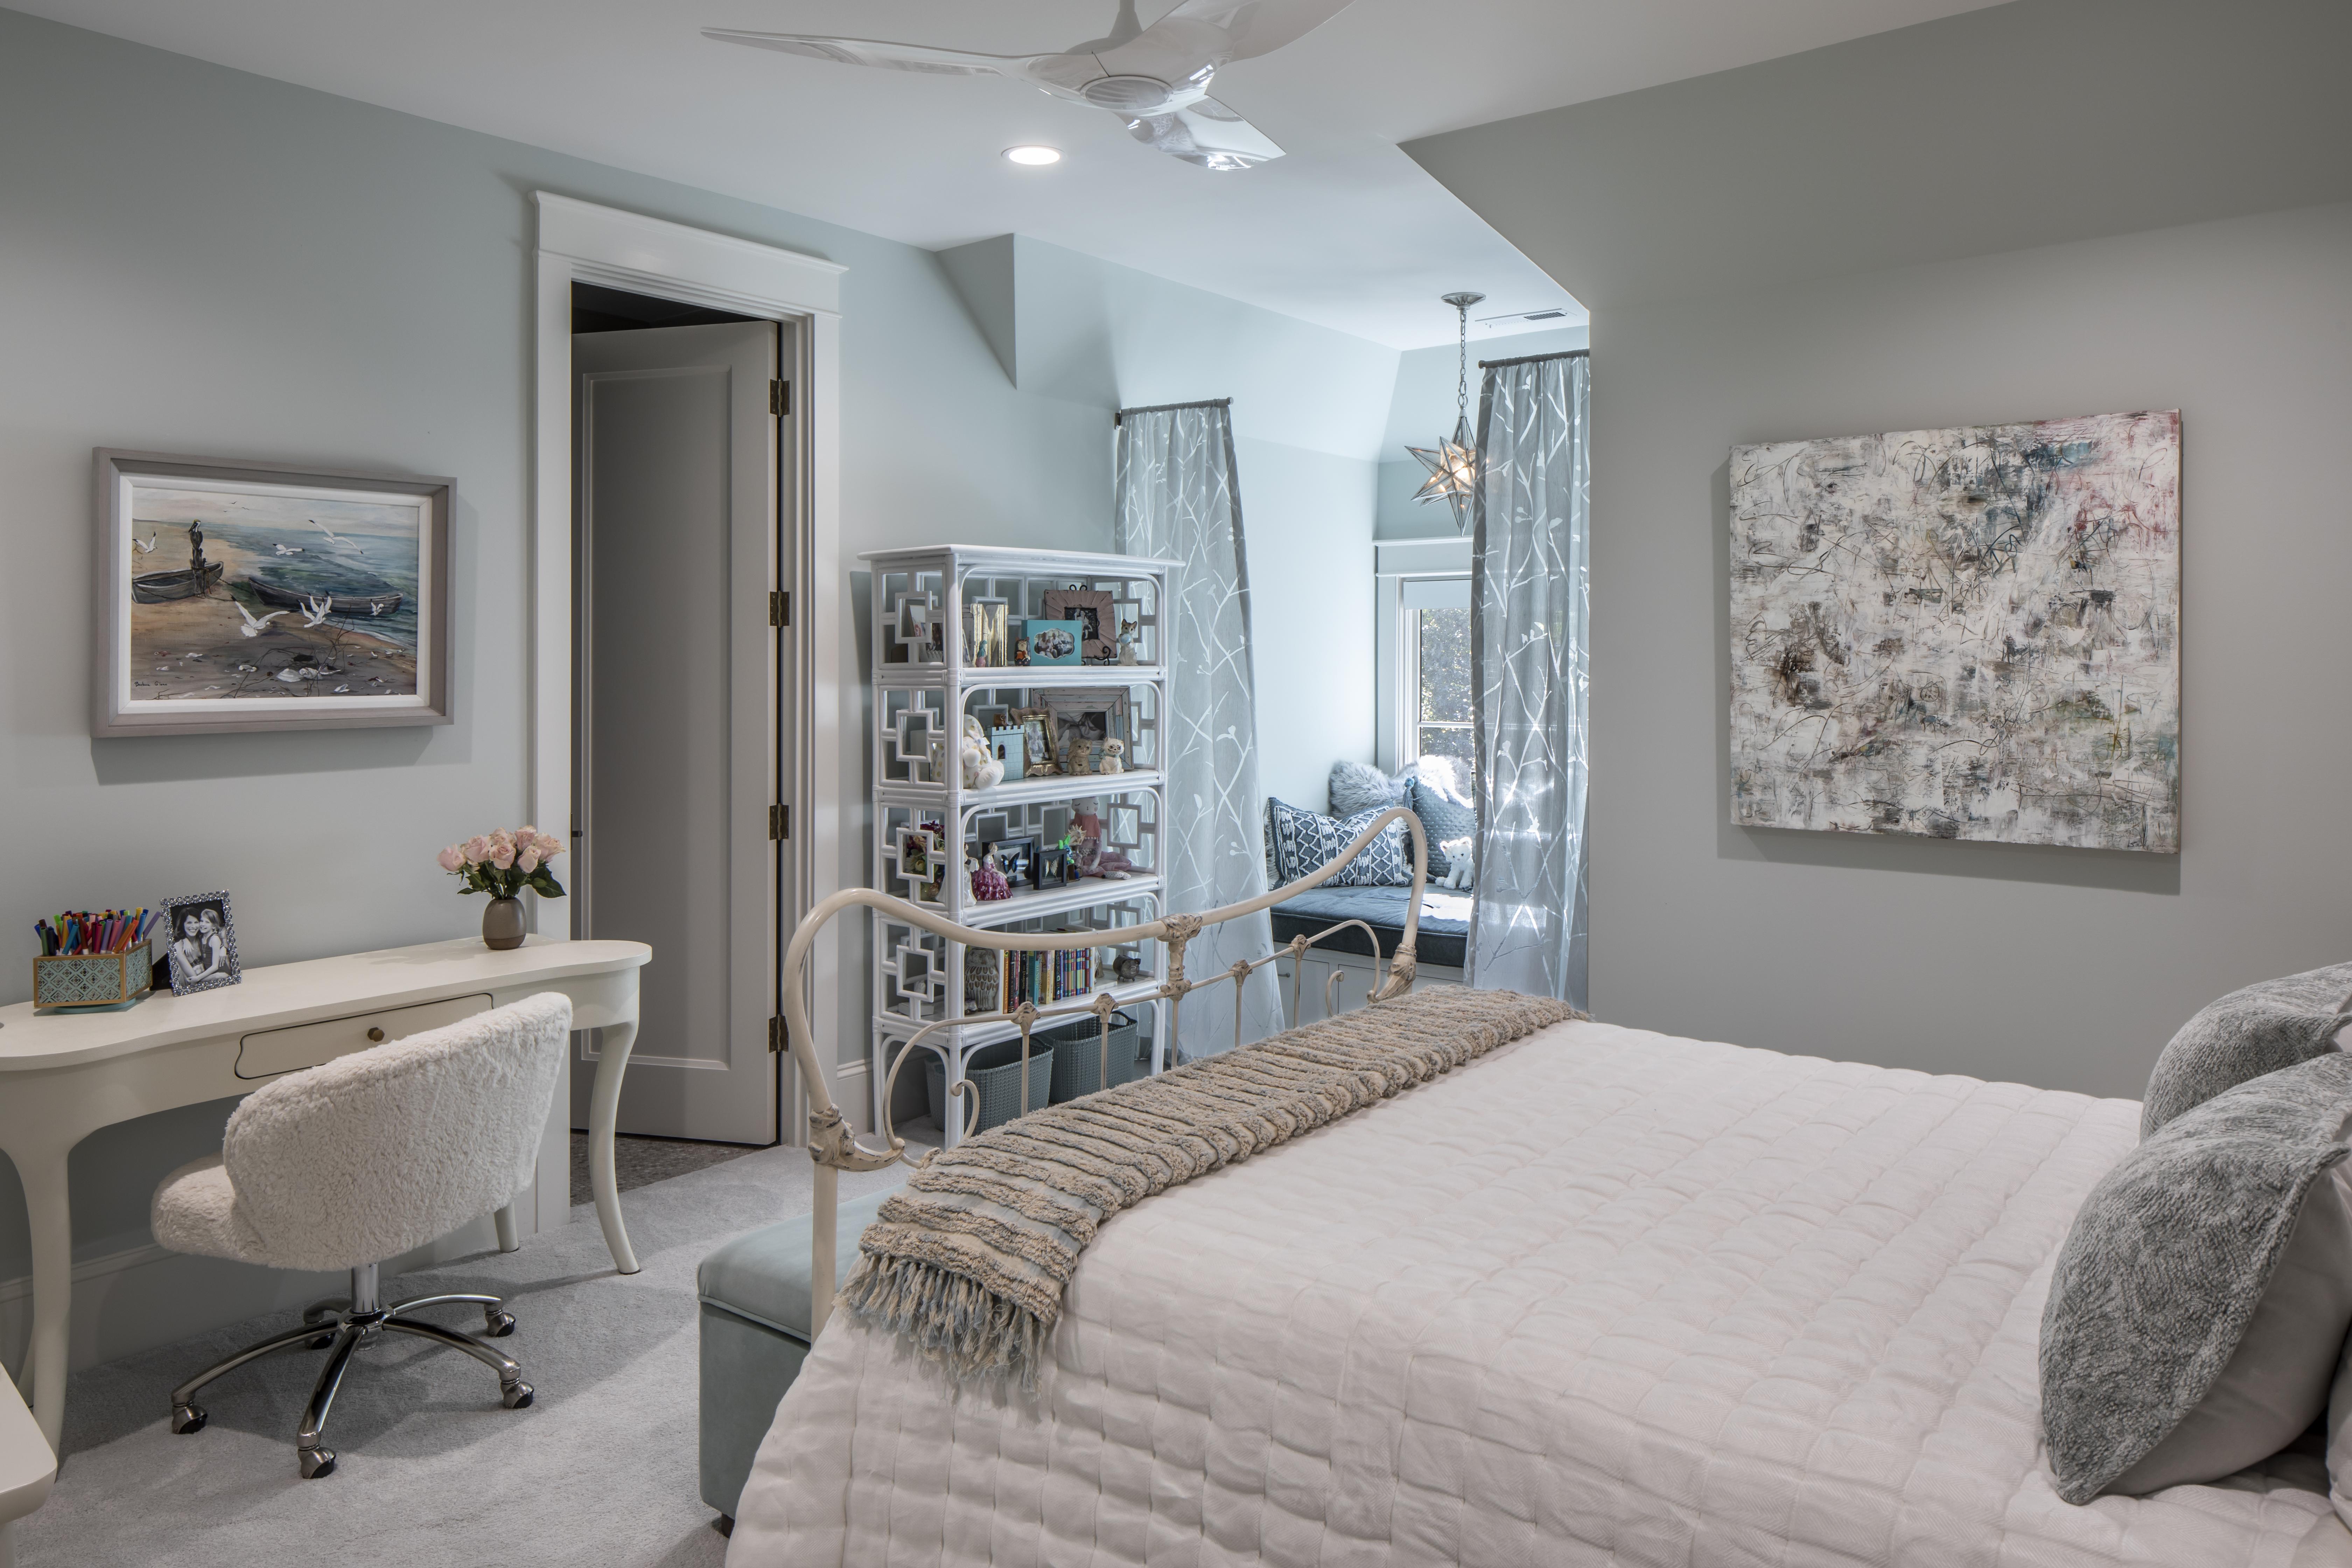 Madeline's Room